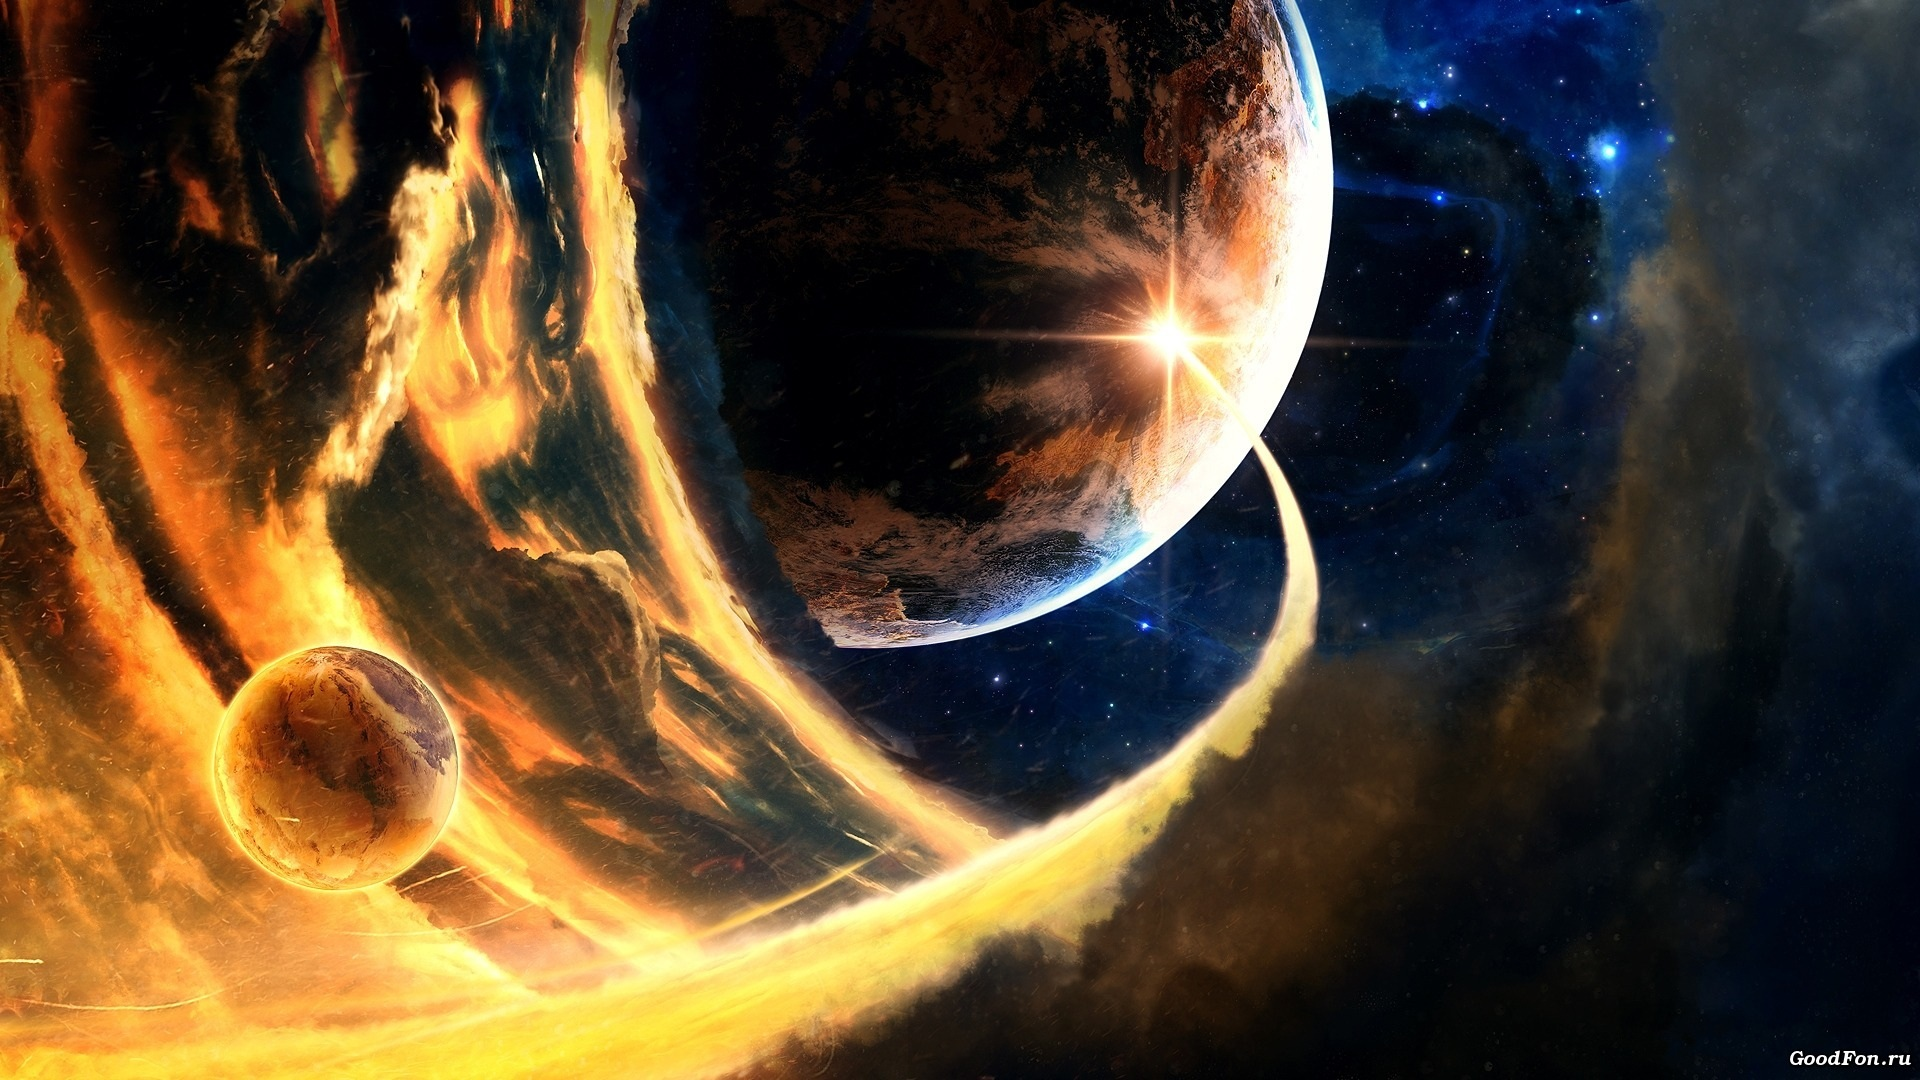 流星 (航空機)の画像 p1_38